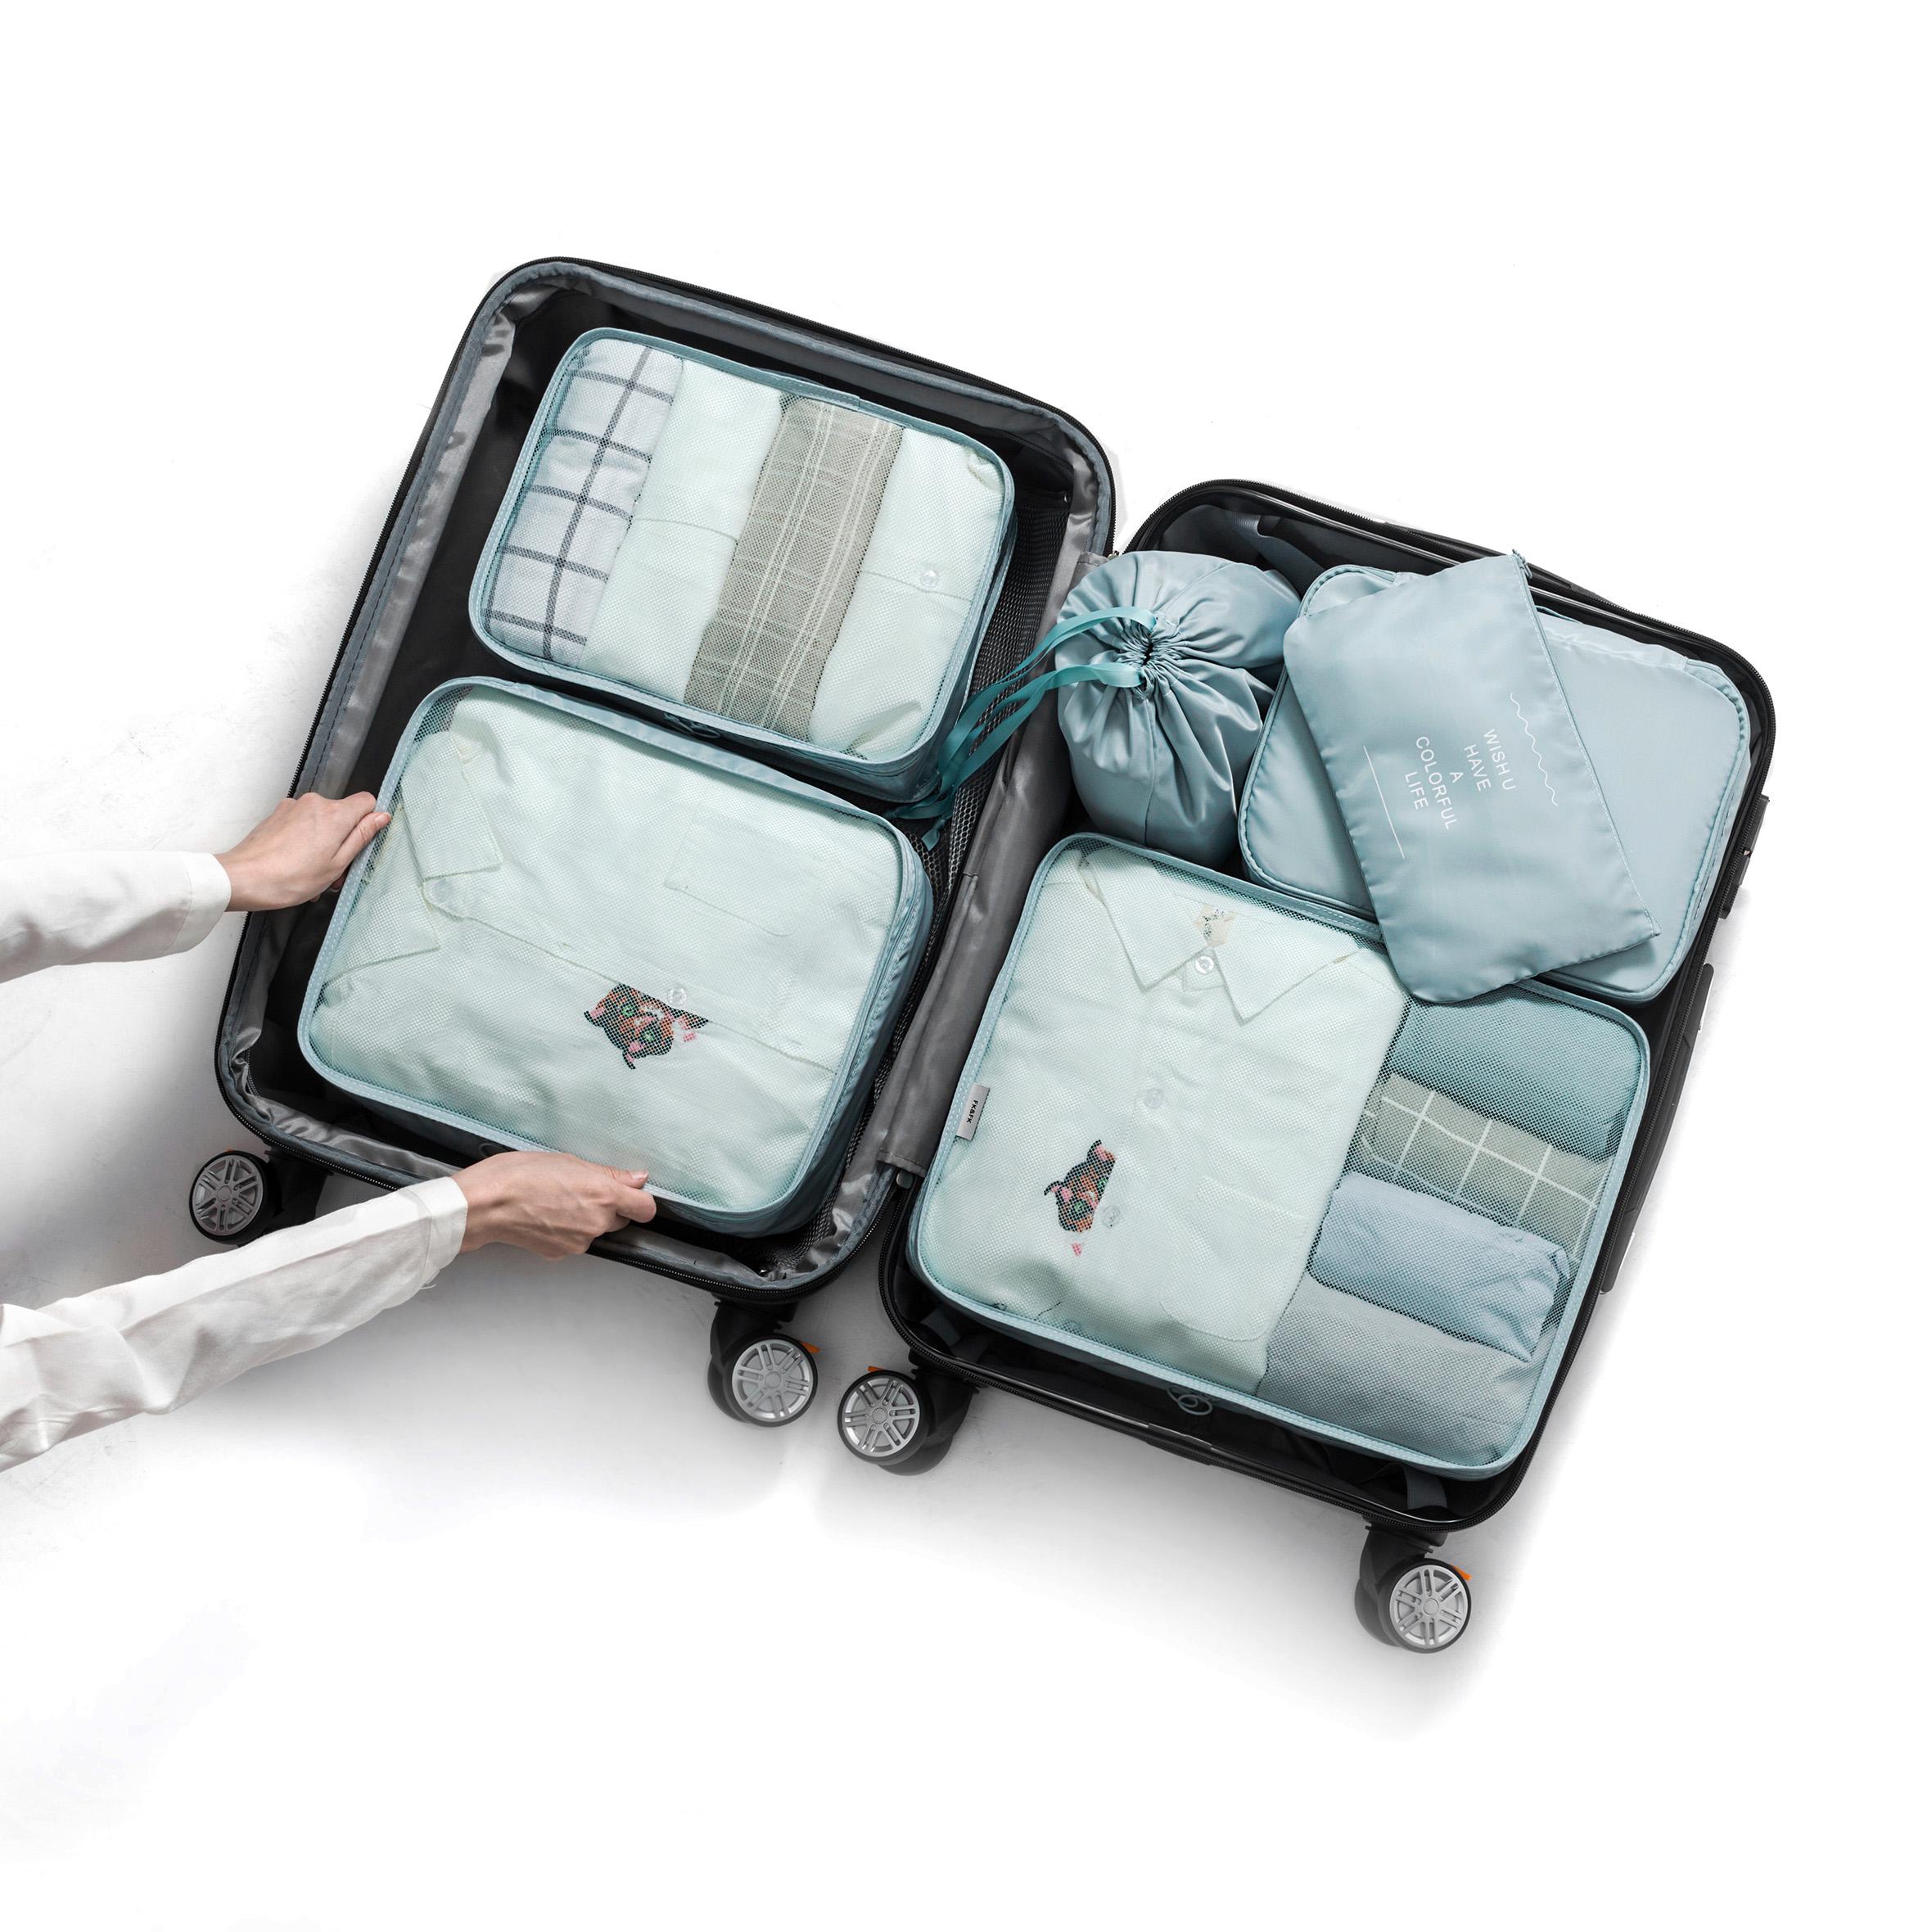 2018新款韩版旅行收纳袋旅游多功能加厚行李箱收纳包袋套装图片